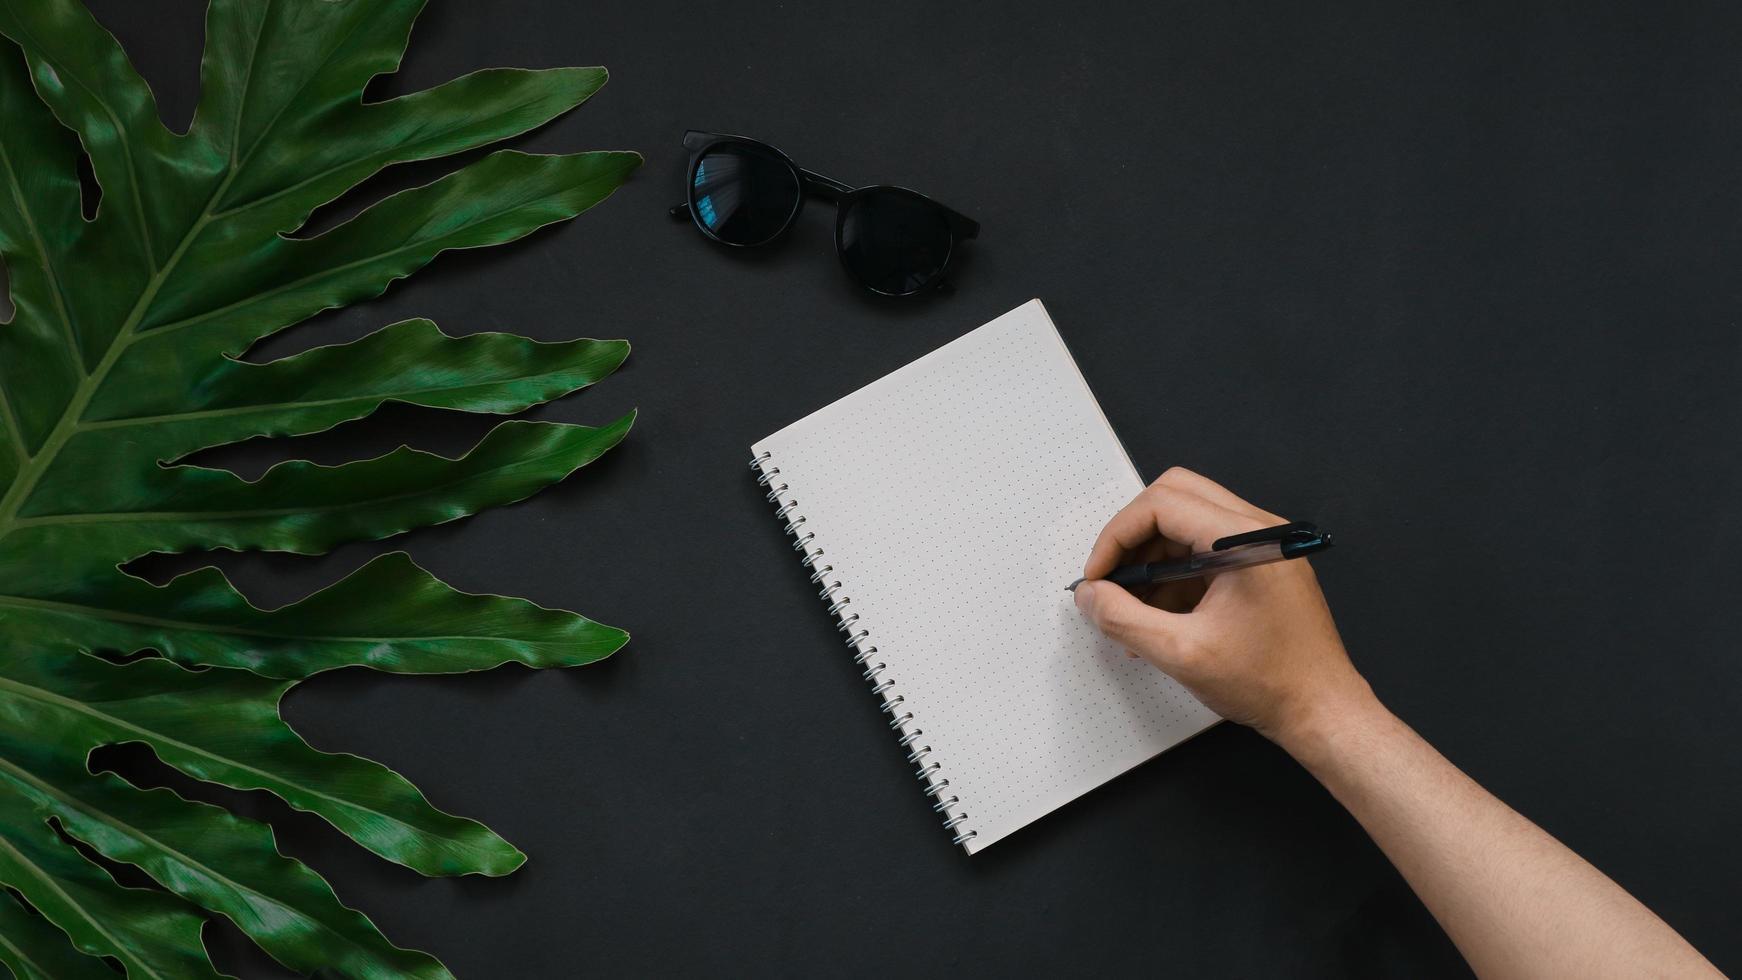 gröna blad hand med anteckningsboken på svart bakgrund foto